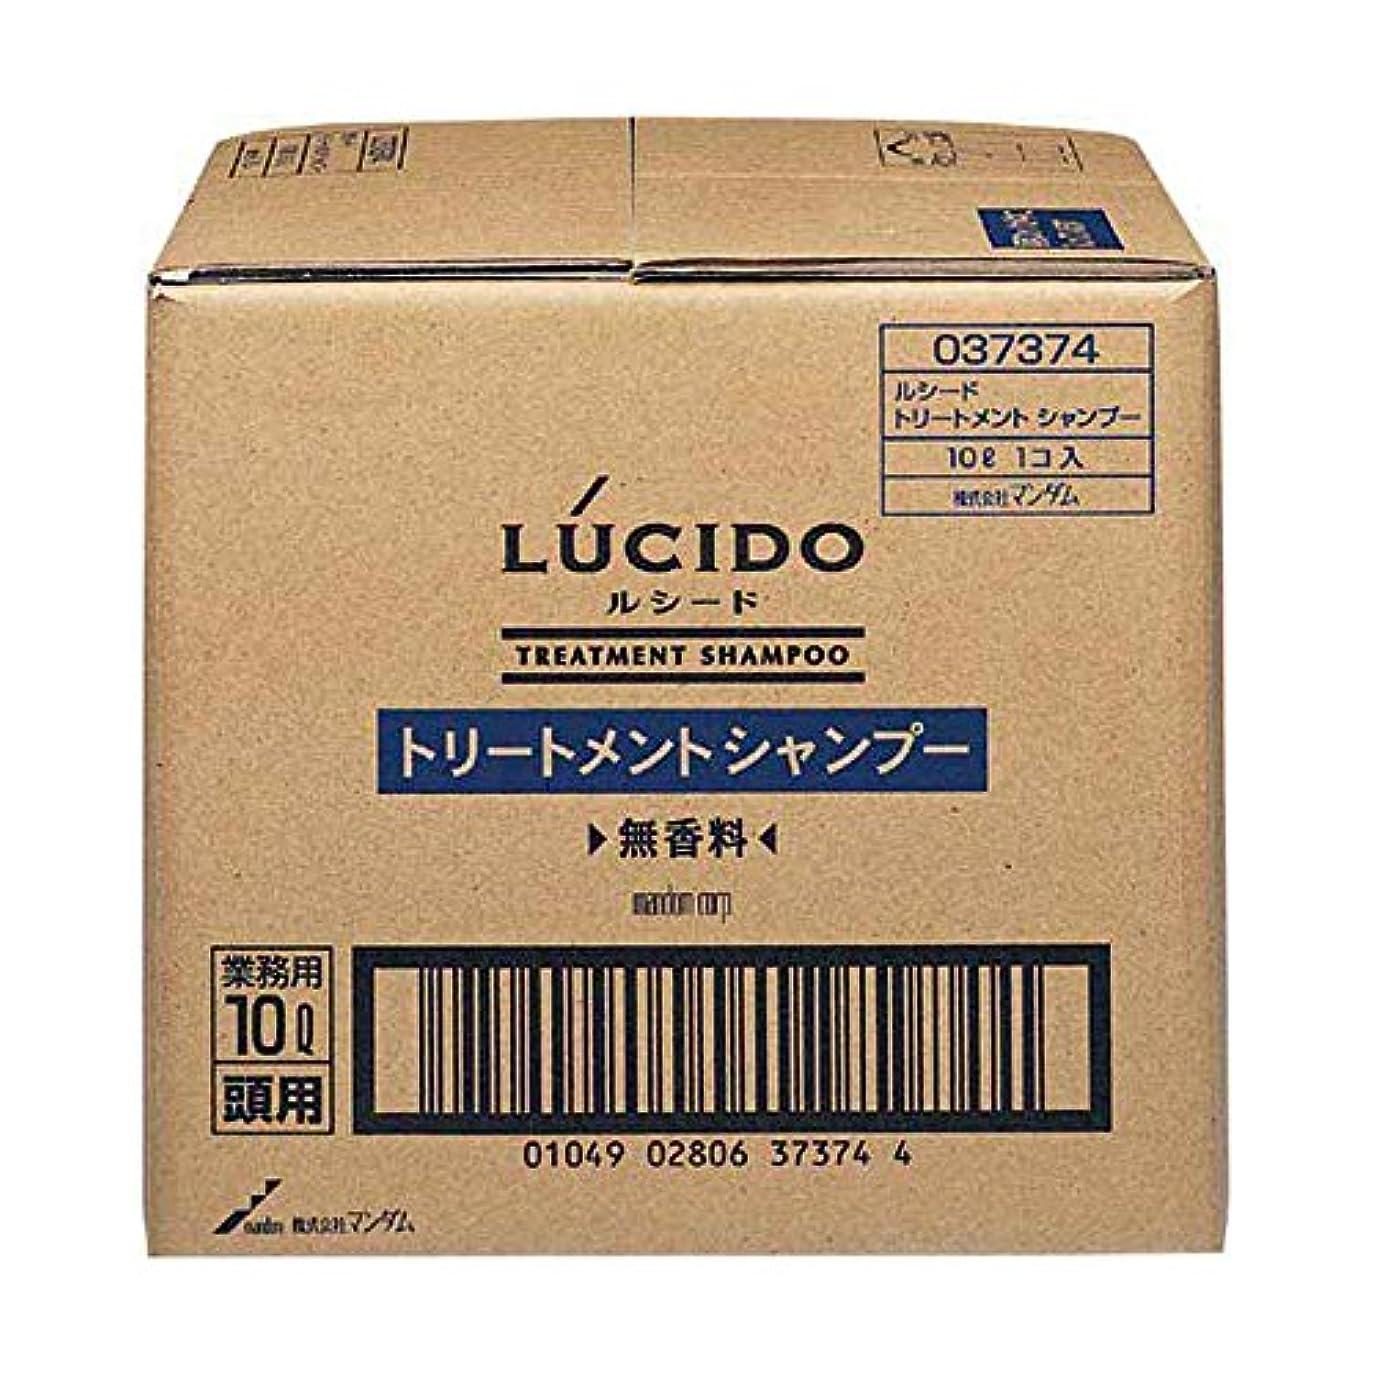 結紮背の高い征服LUCIDO (ルシード) トリートメントシャンプー 業務用 10L